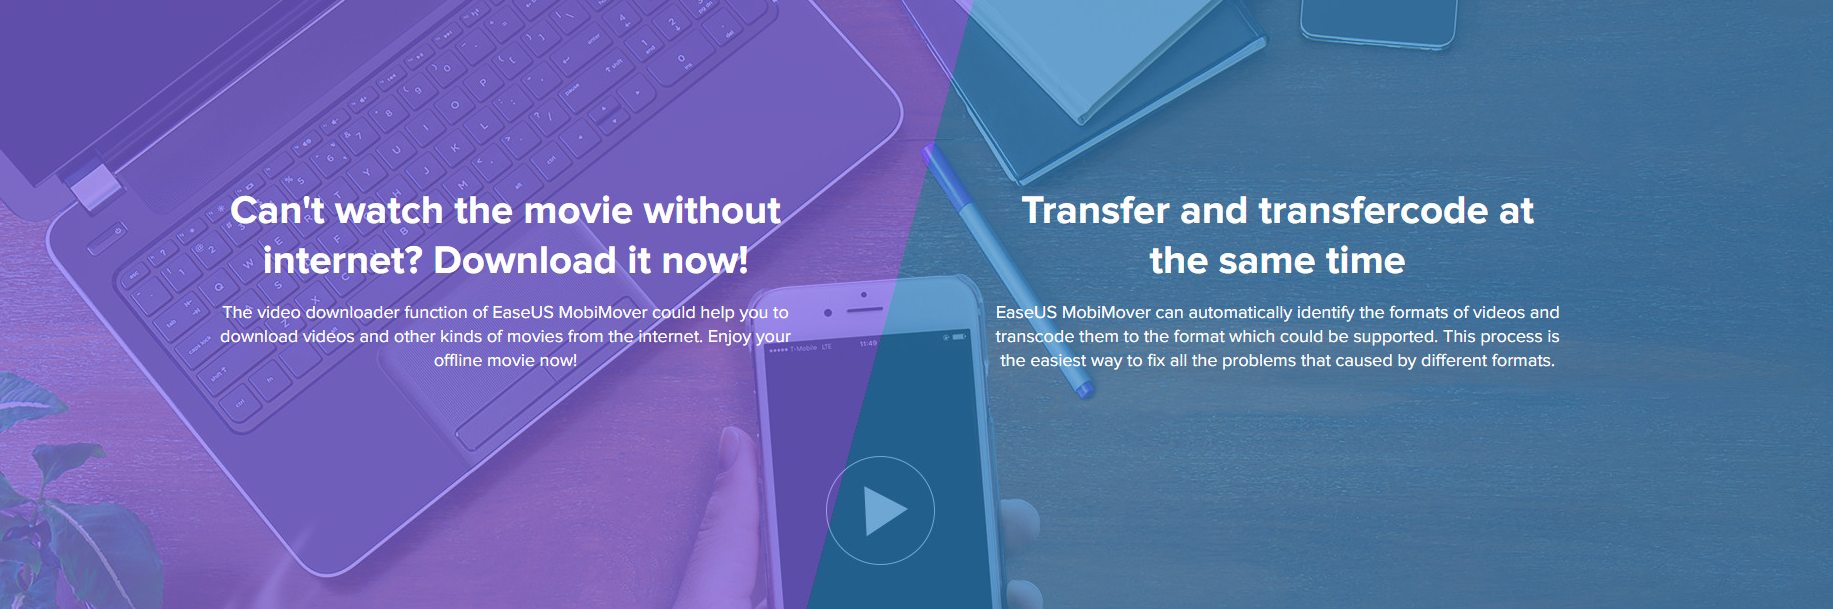 كيفية نقل البيانات من و الي هاتفك الـiPhone عن طريق Easeus Mobimover 7